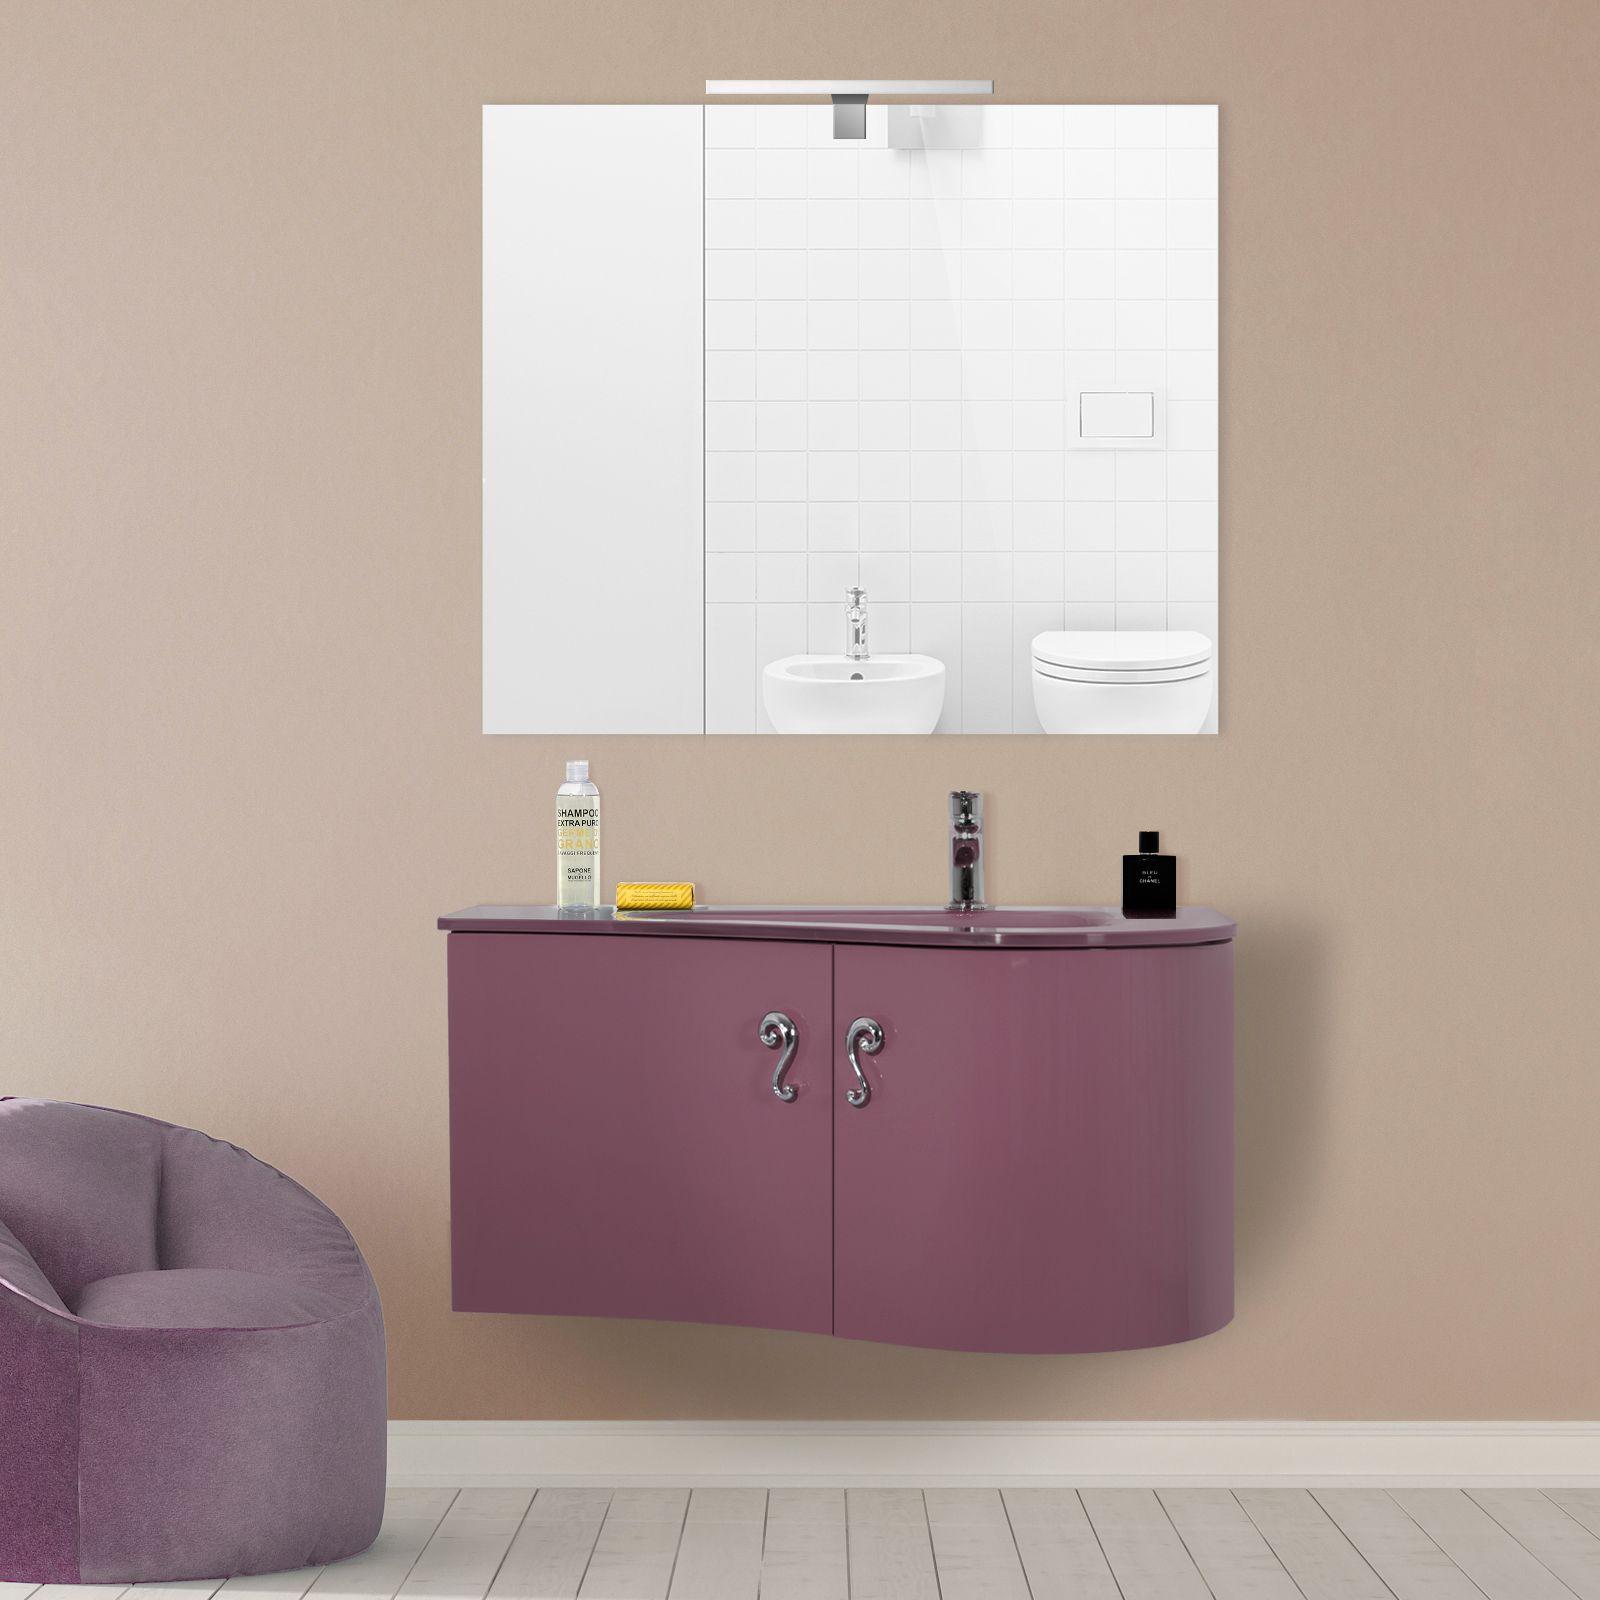 Arredobagno asia 2 cm 90 o 110 con lavabo in cristallo for Maniglie mobili bagno